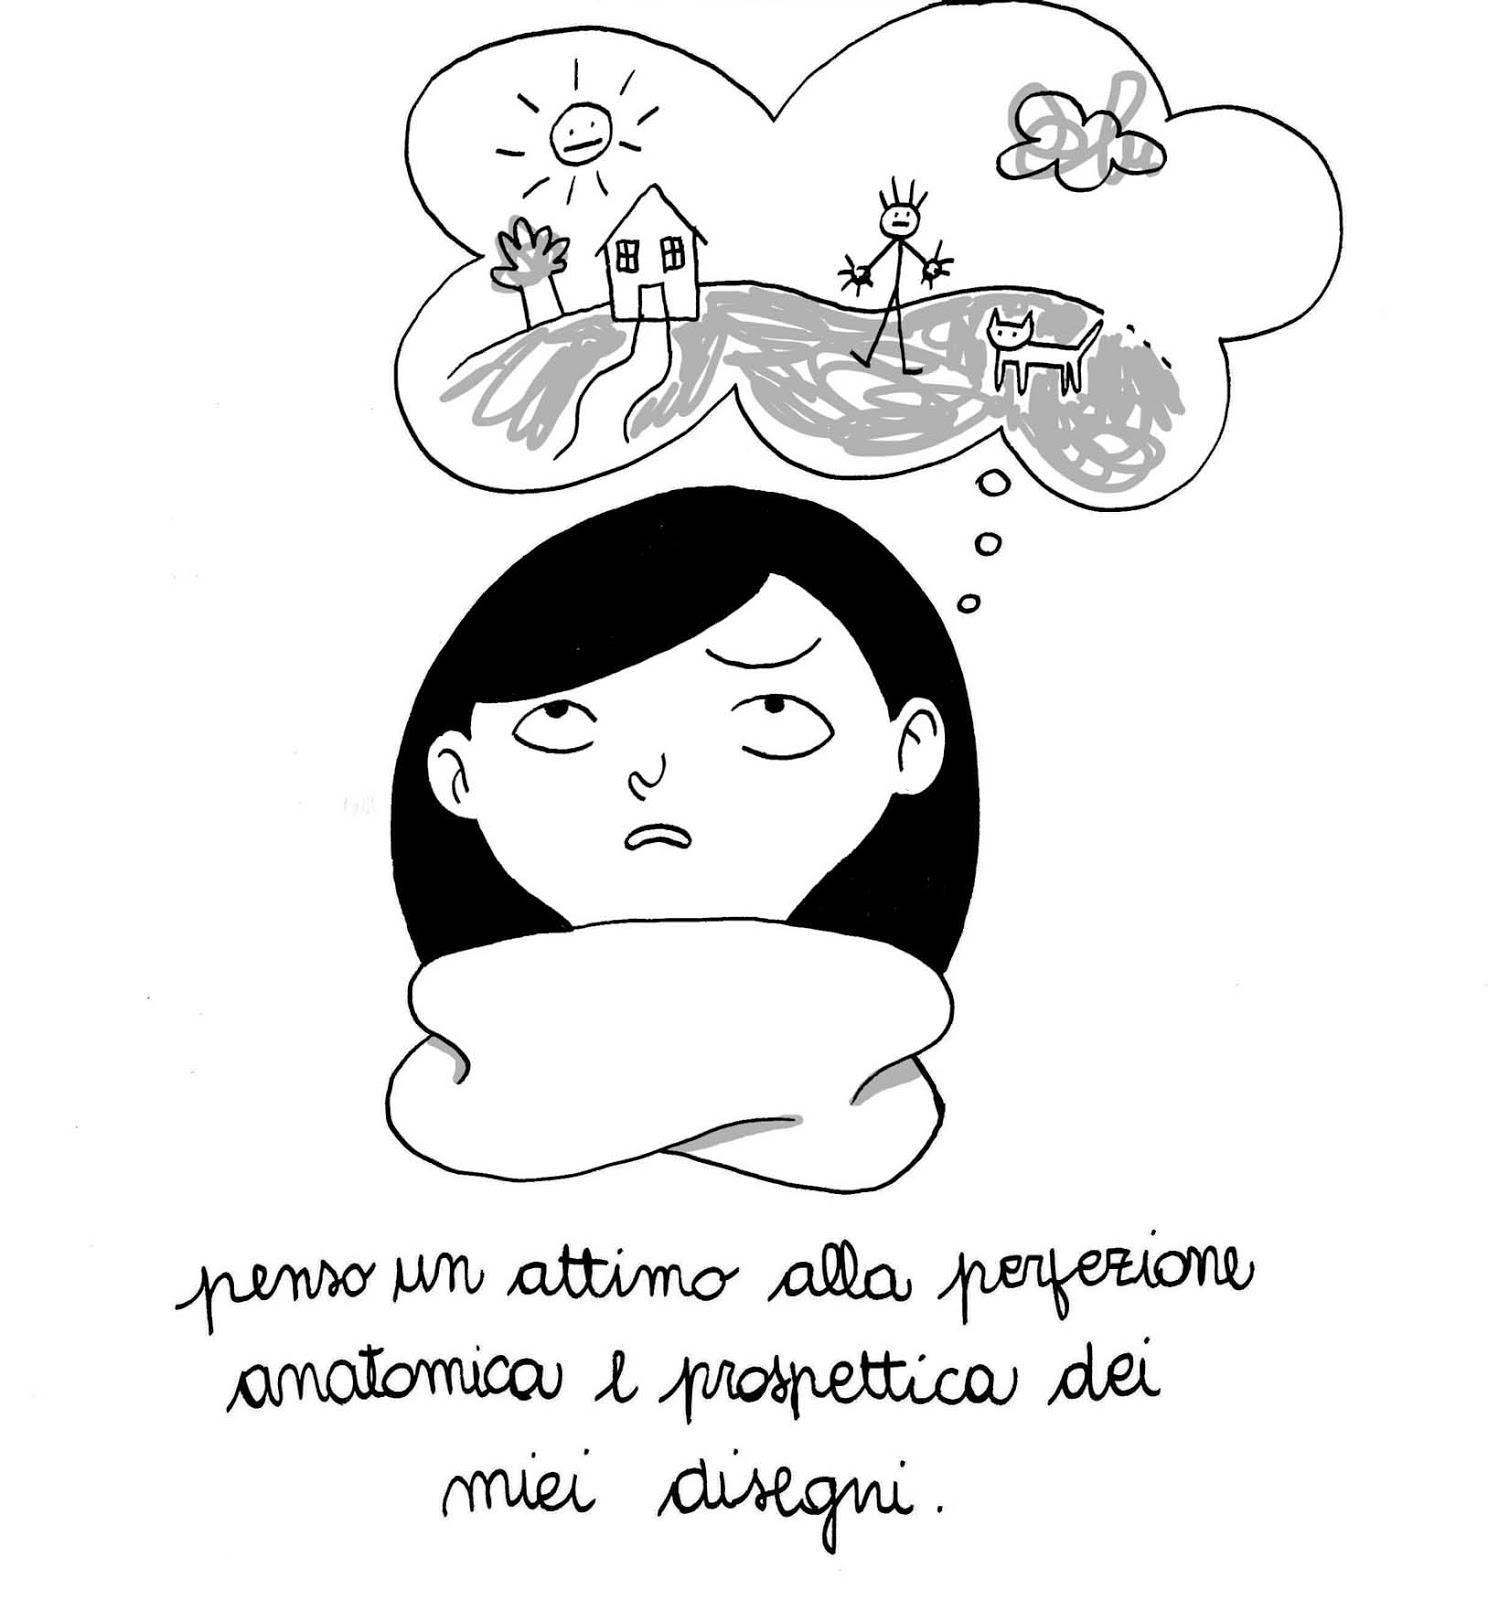 Immagini animate Festa della donna Rivelazioni  - immagini divertenti 8 marzo